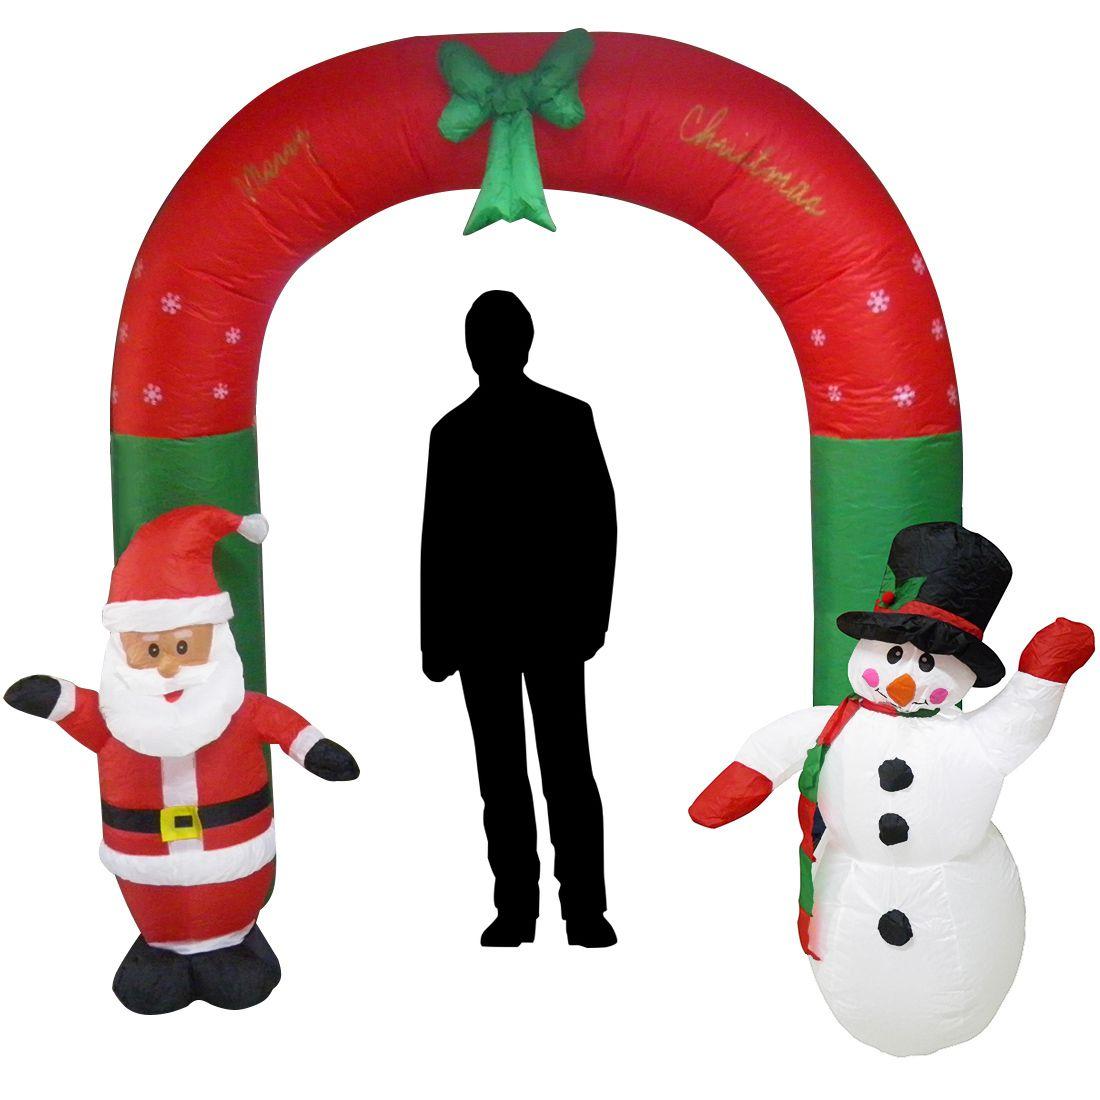 Papai Noel Natal Boneco de Neve em Arco 2 metros e 30 cm Inflavel Natalino